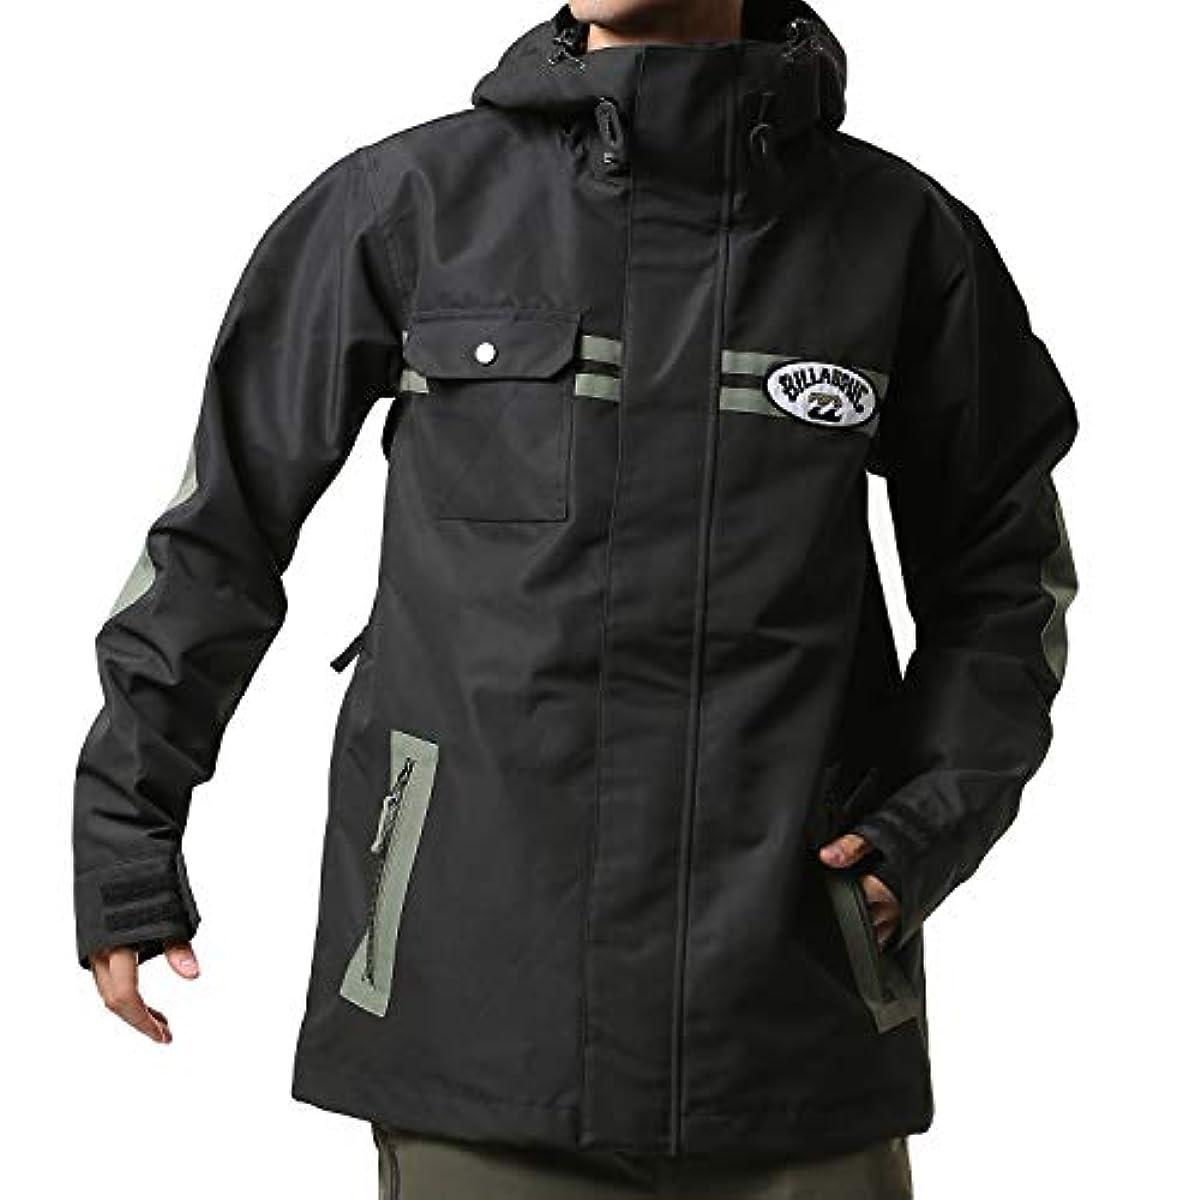 [해외] BILLABONG 빌라봉 스노보드 웨어 재킷 OLD SCHOOL 18-19모델 맨즈 AI01M-758